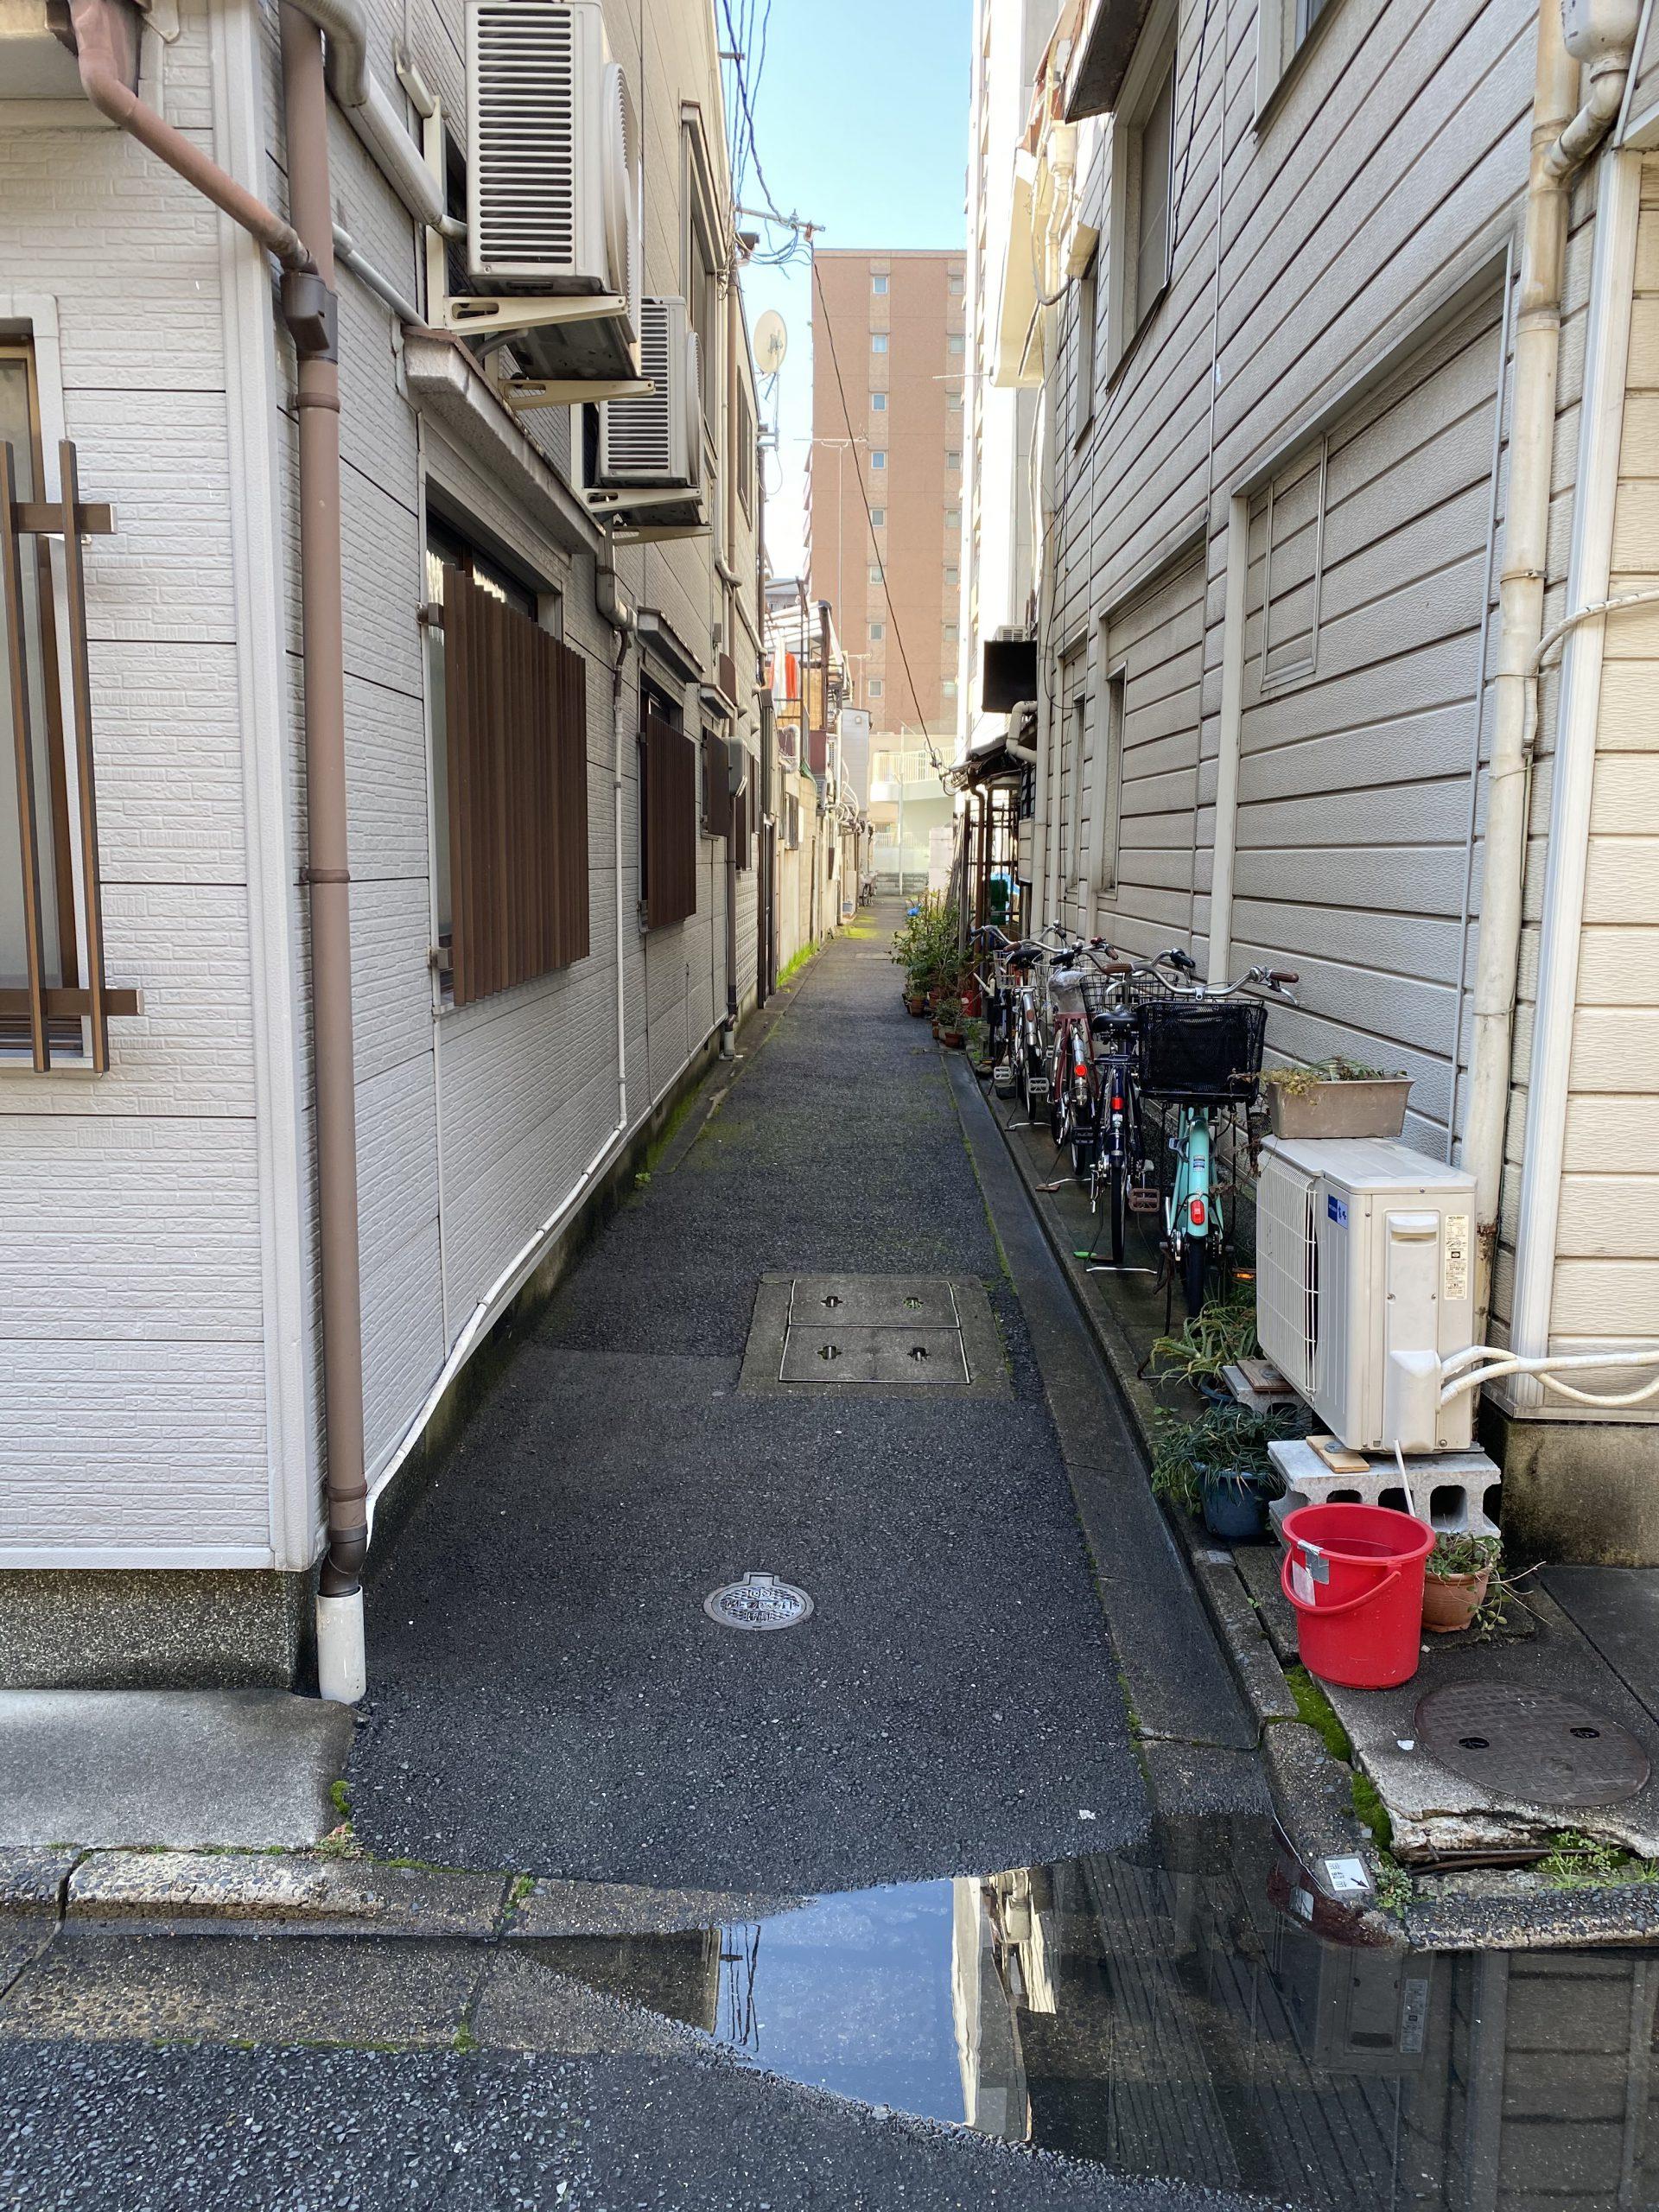 「全てはあなた次第」 丹波口駅徒歩約7分 未改修町家 1380万円